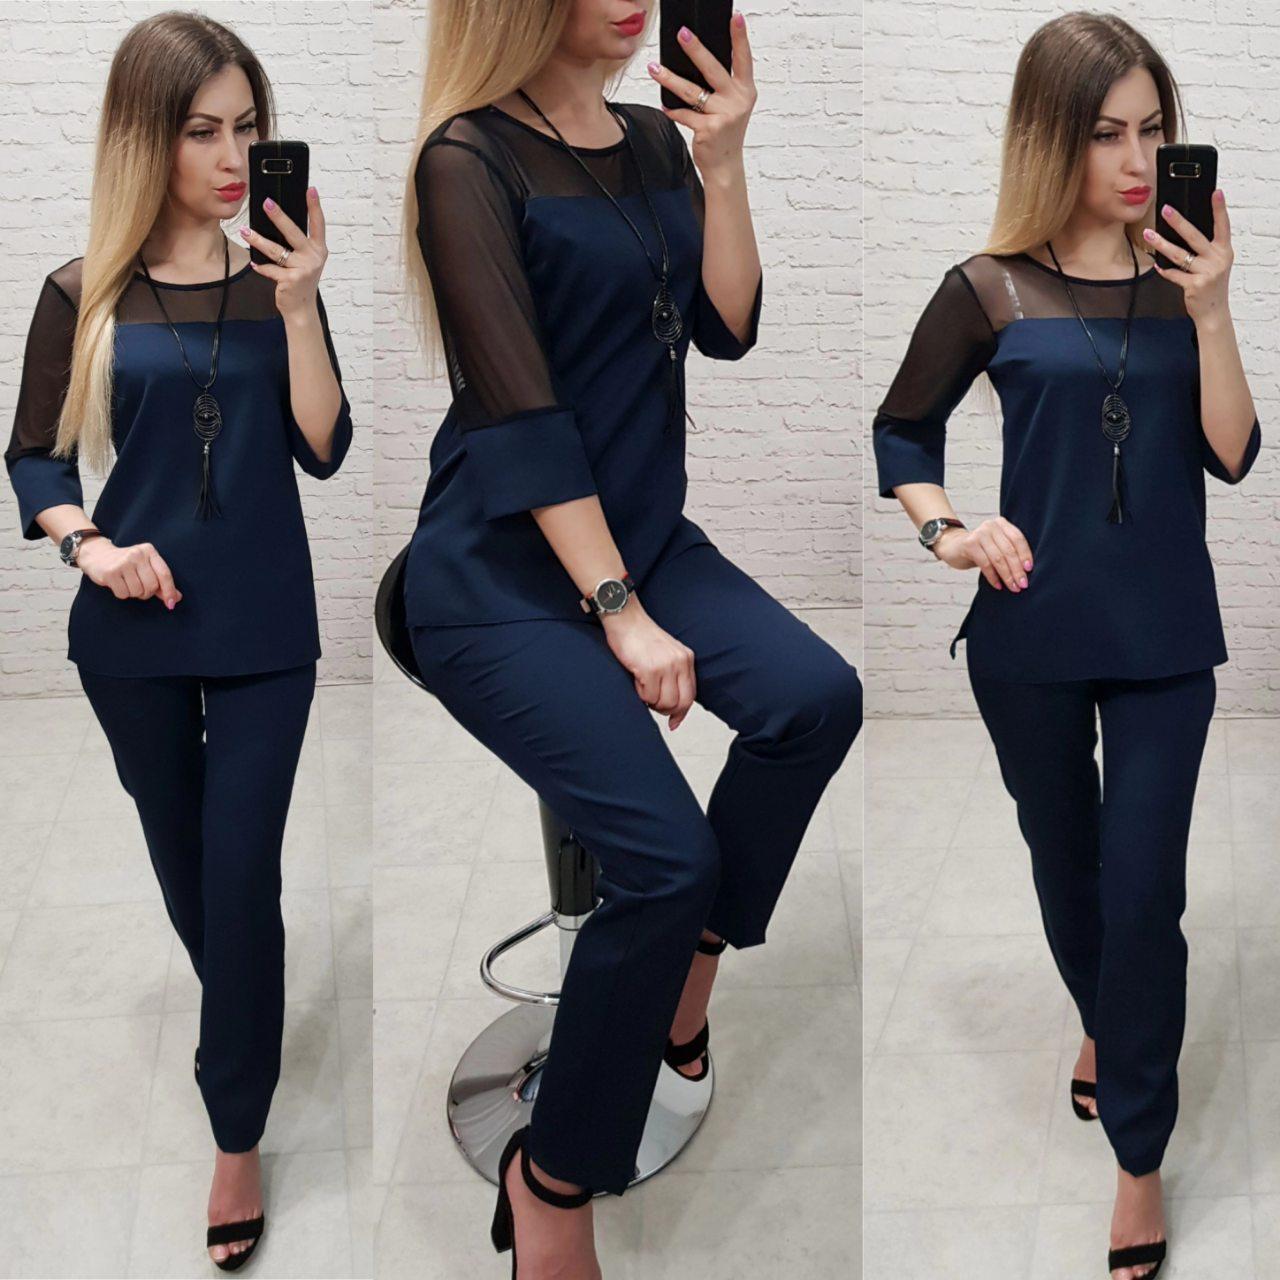 Стильний жіночий костюм, арт 153,є батал, колір бордо + підвіска